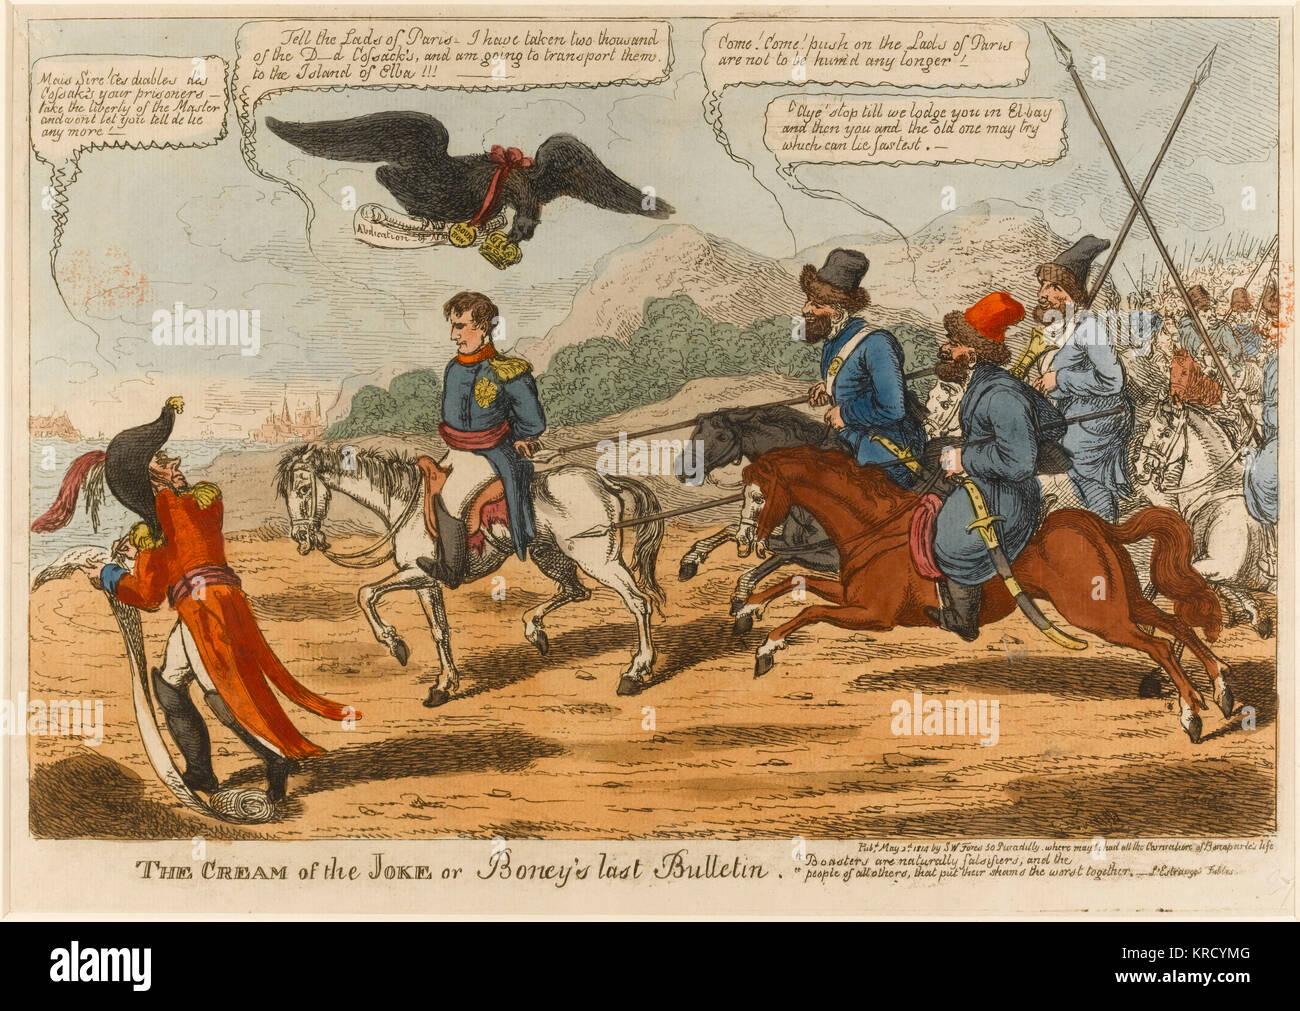 Dessin animé satirique, la crème de la plaisanterie ou le dernier bulletin. Napoléon, un prisonnier, Photo Stock